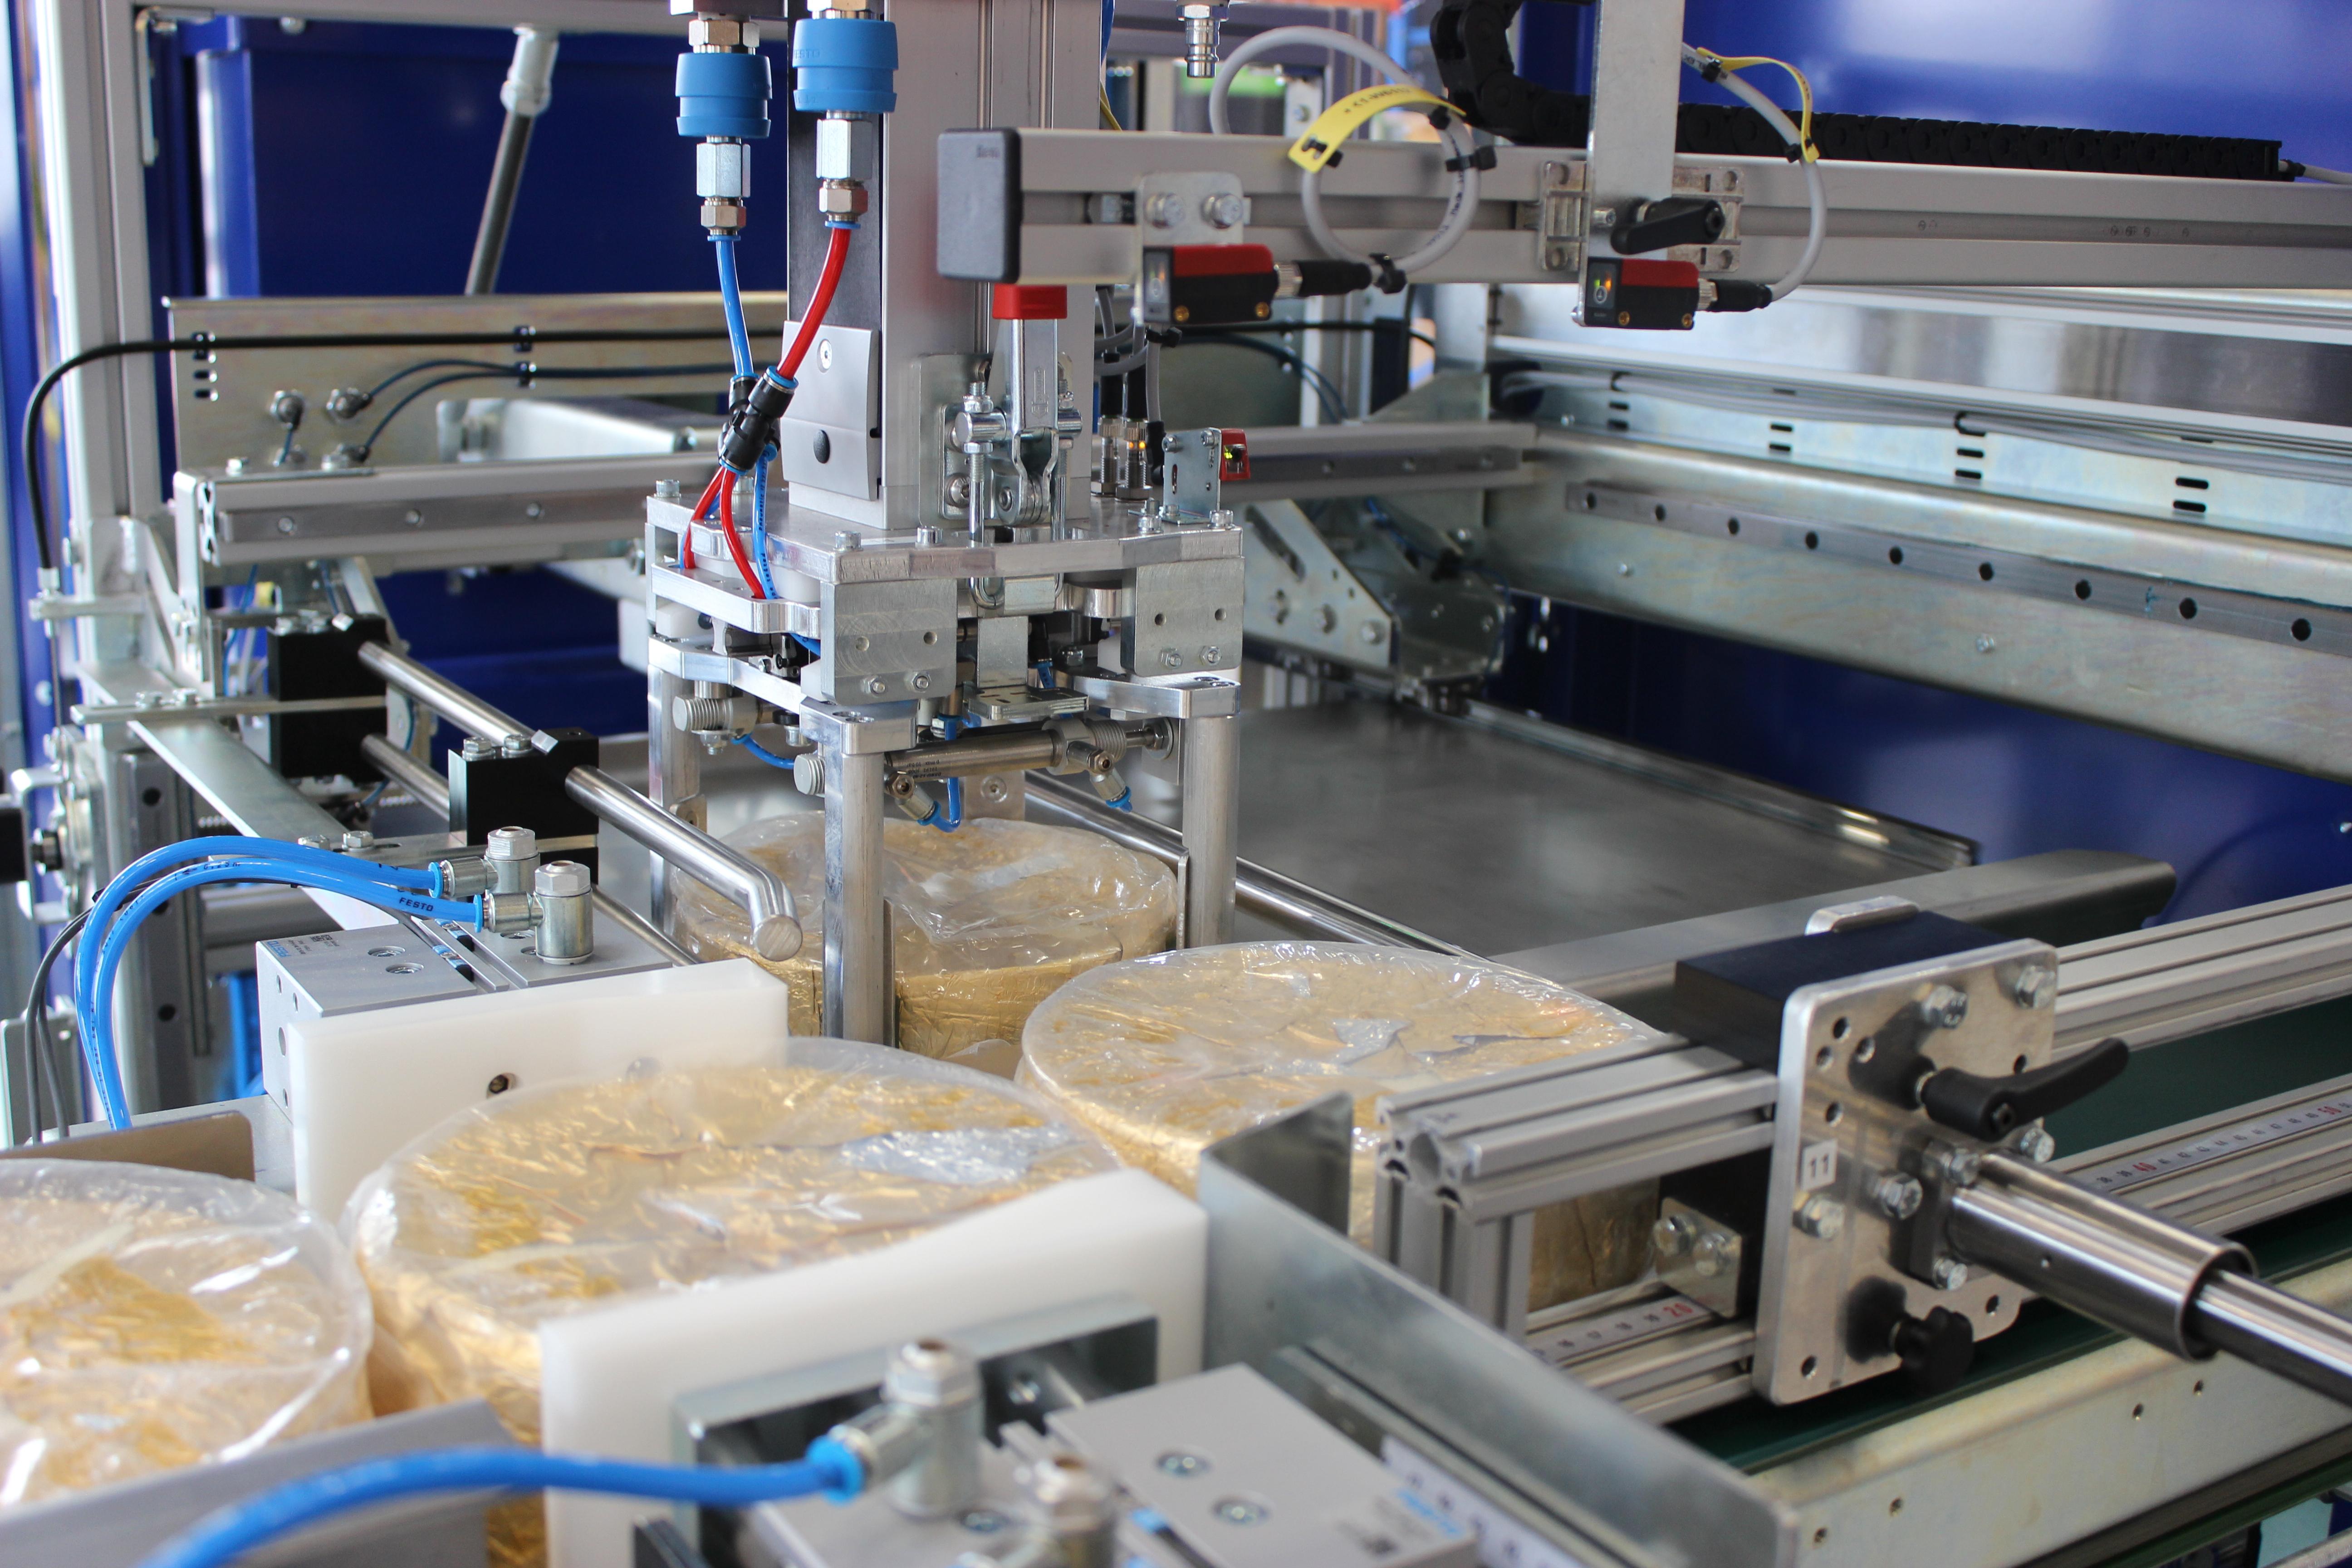 Pakning af oste i kasser - Egatec